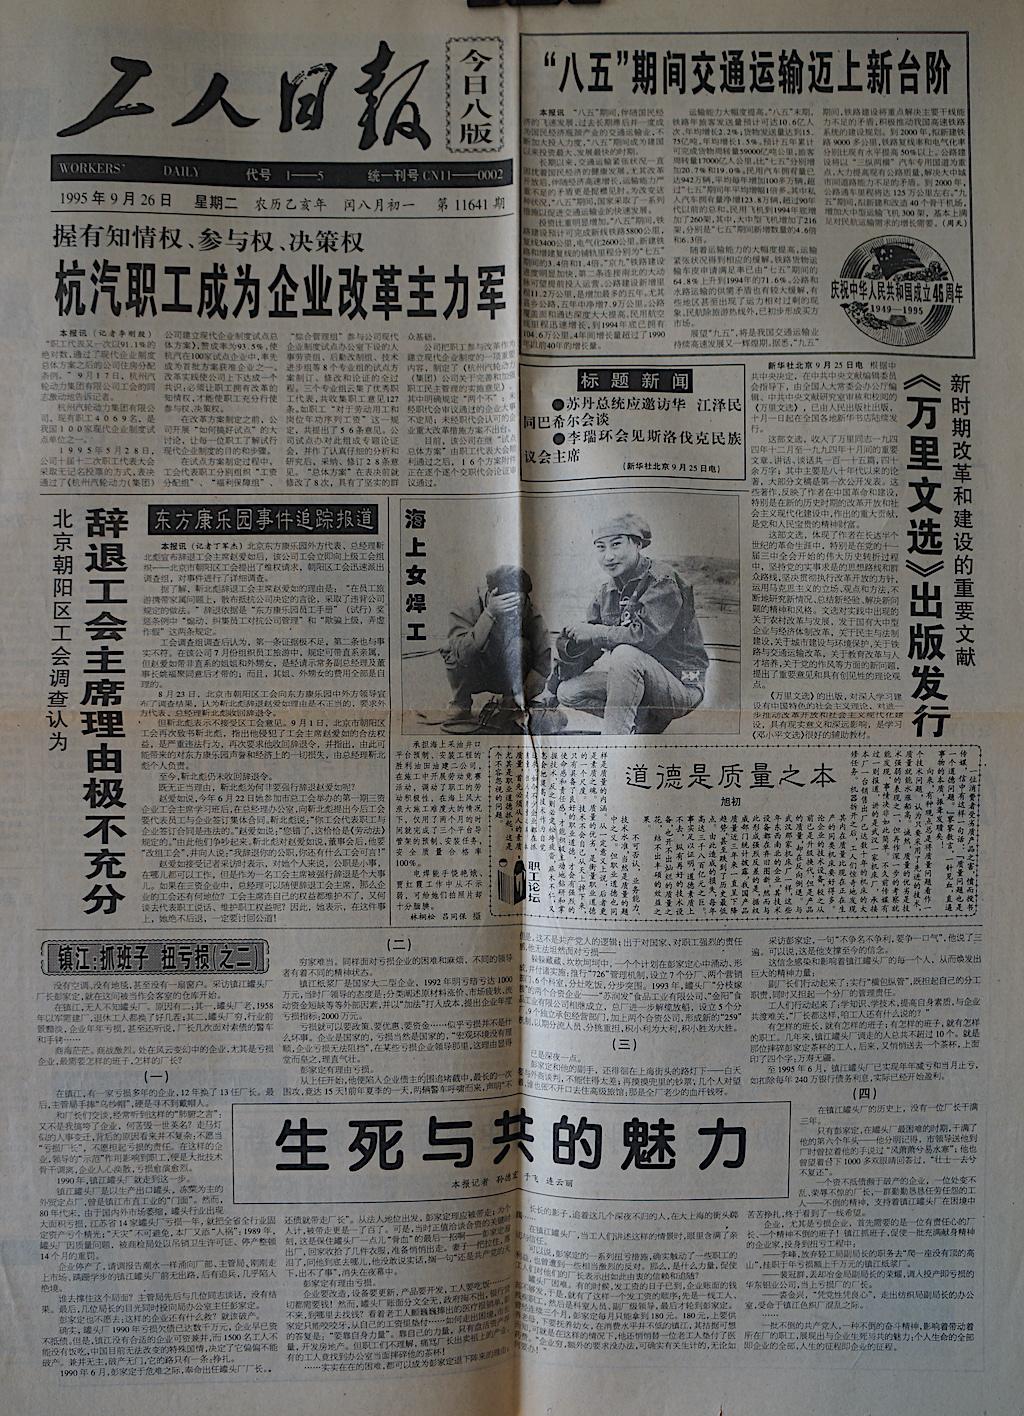 工人日报19950926-01